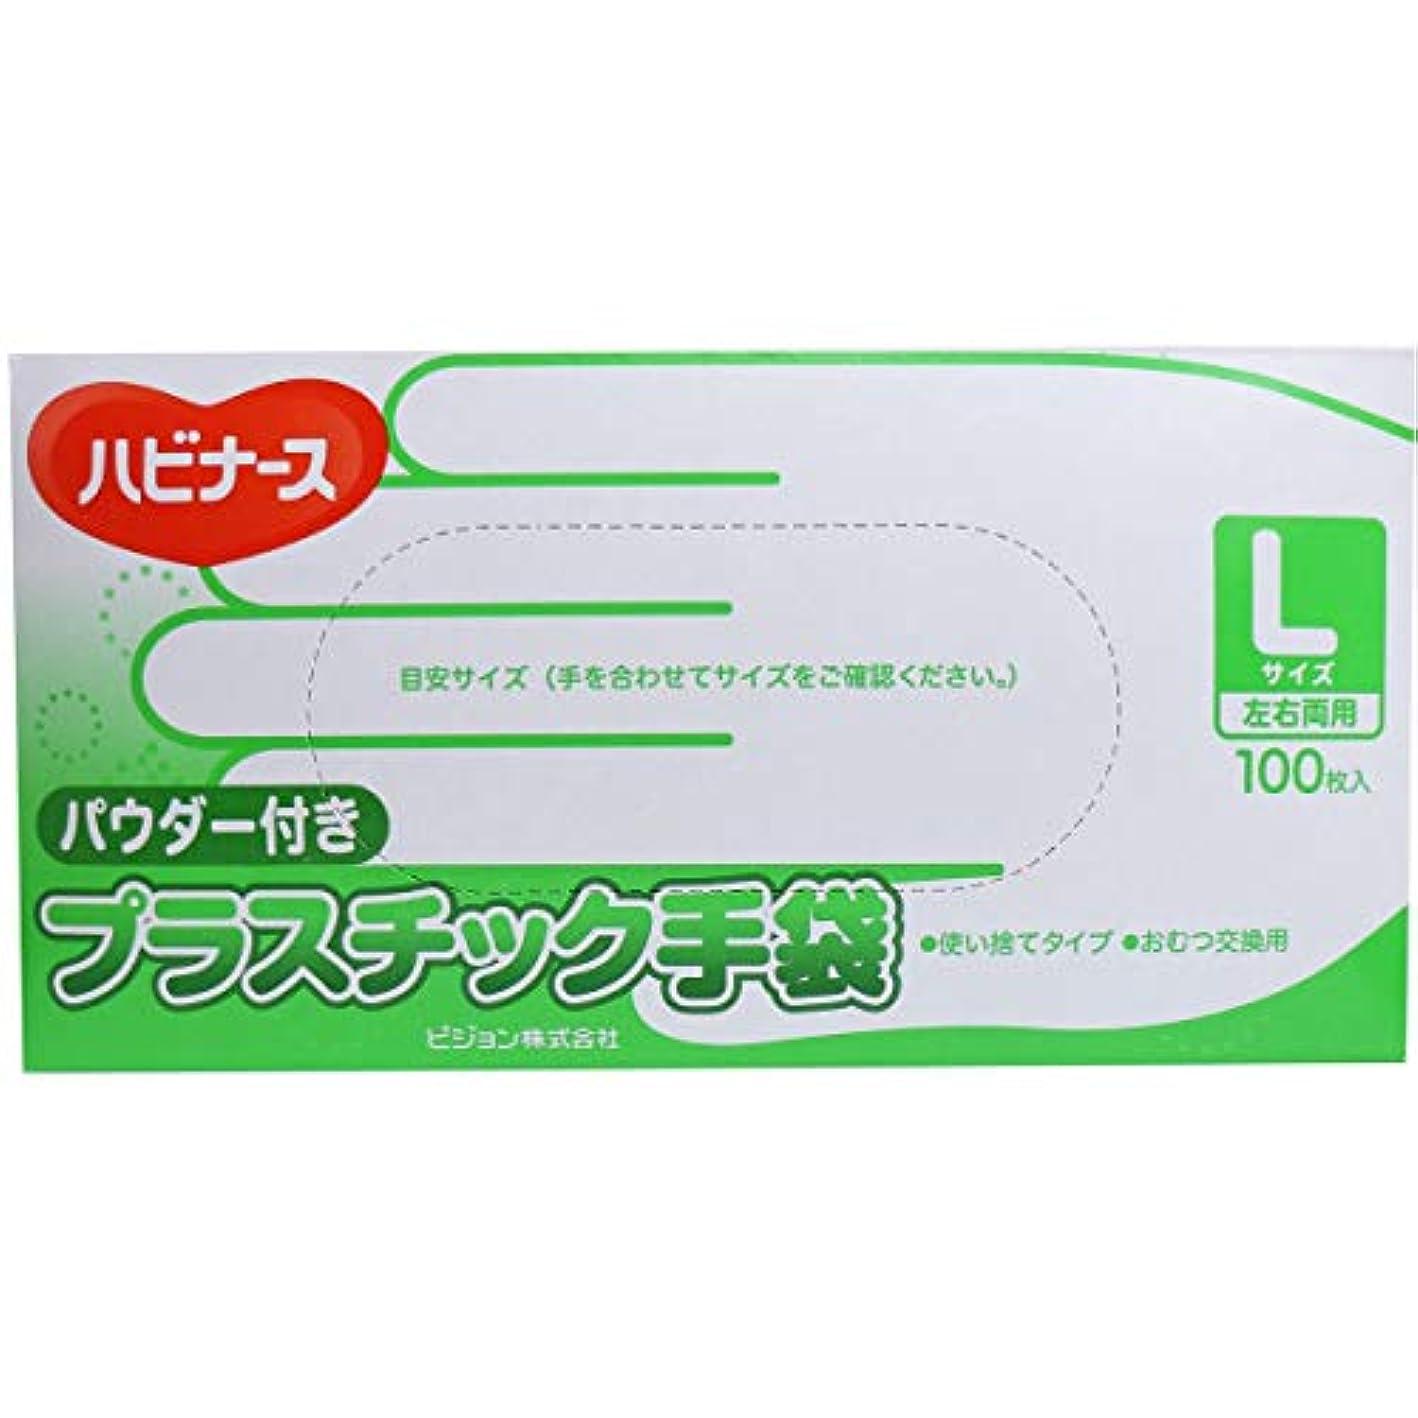 アレルギー脅威告白するハビナース プラスチック手袋 パウダー付き Lサイズ 100枚入×5個セット(管理番号 4902508113731)